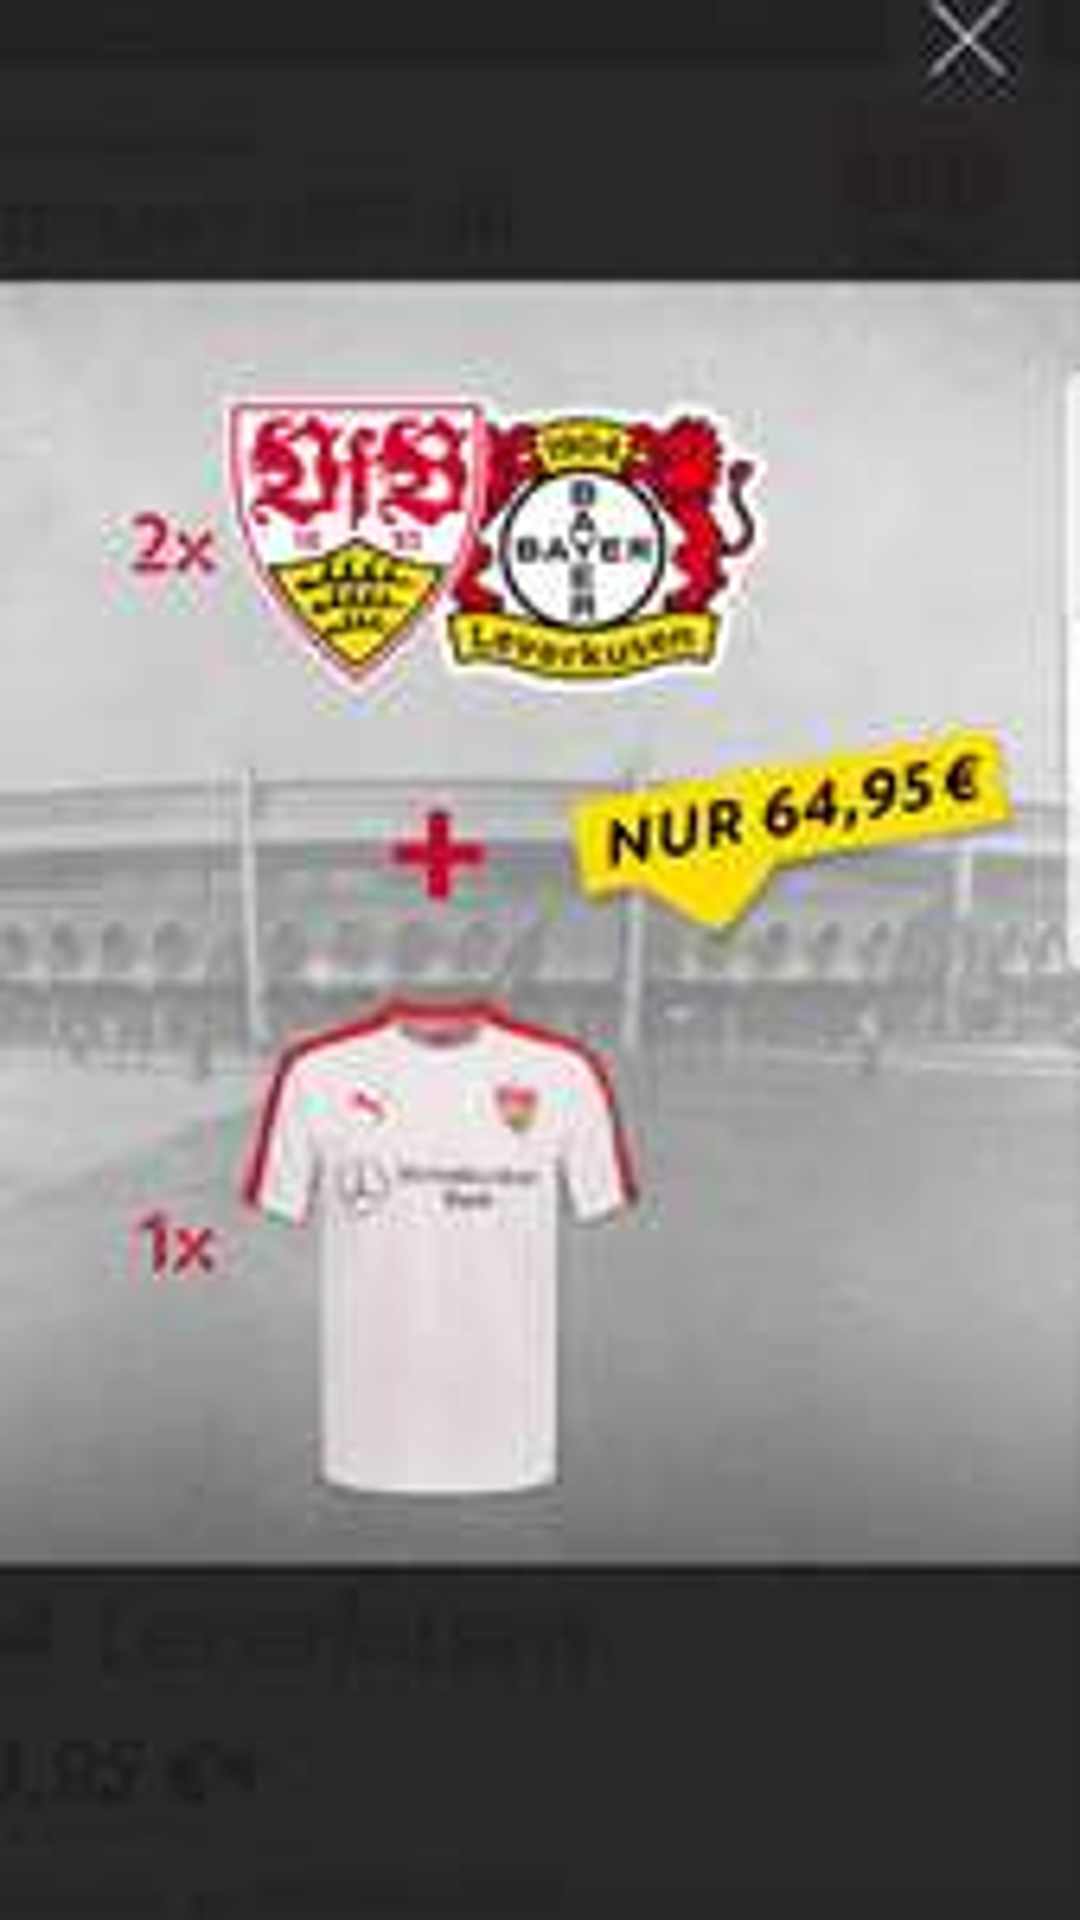 VfB Stuttgart Heimspielpaket Bayer Leverkusen (Samstag 13.4 um 15:30) 2×Haupttribüne+Stadion Shirt